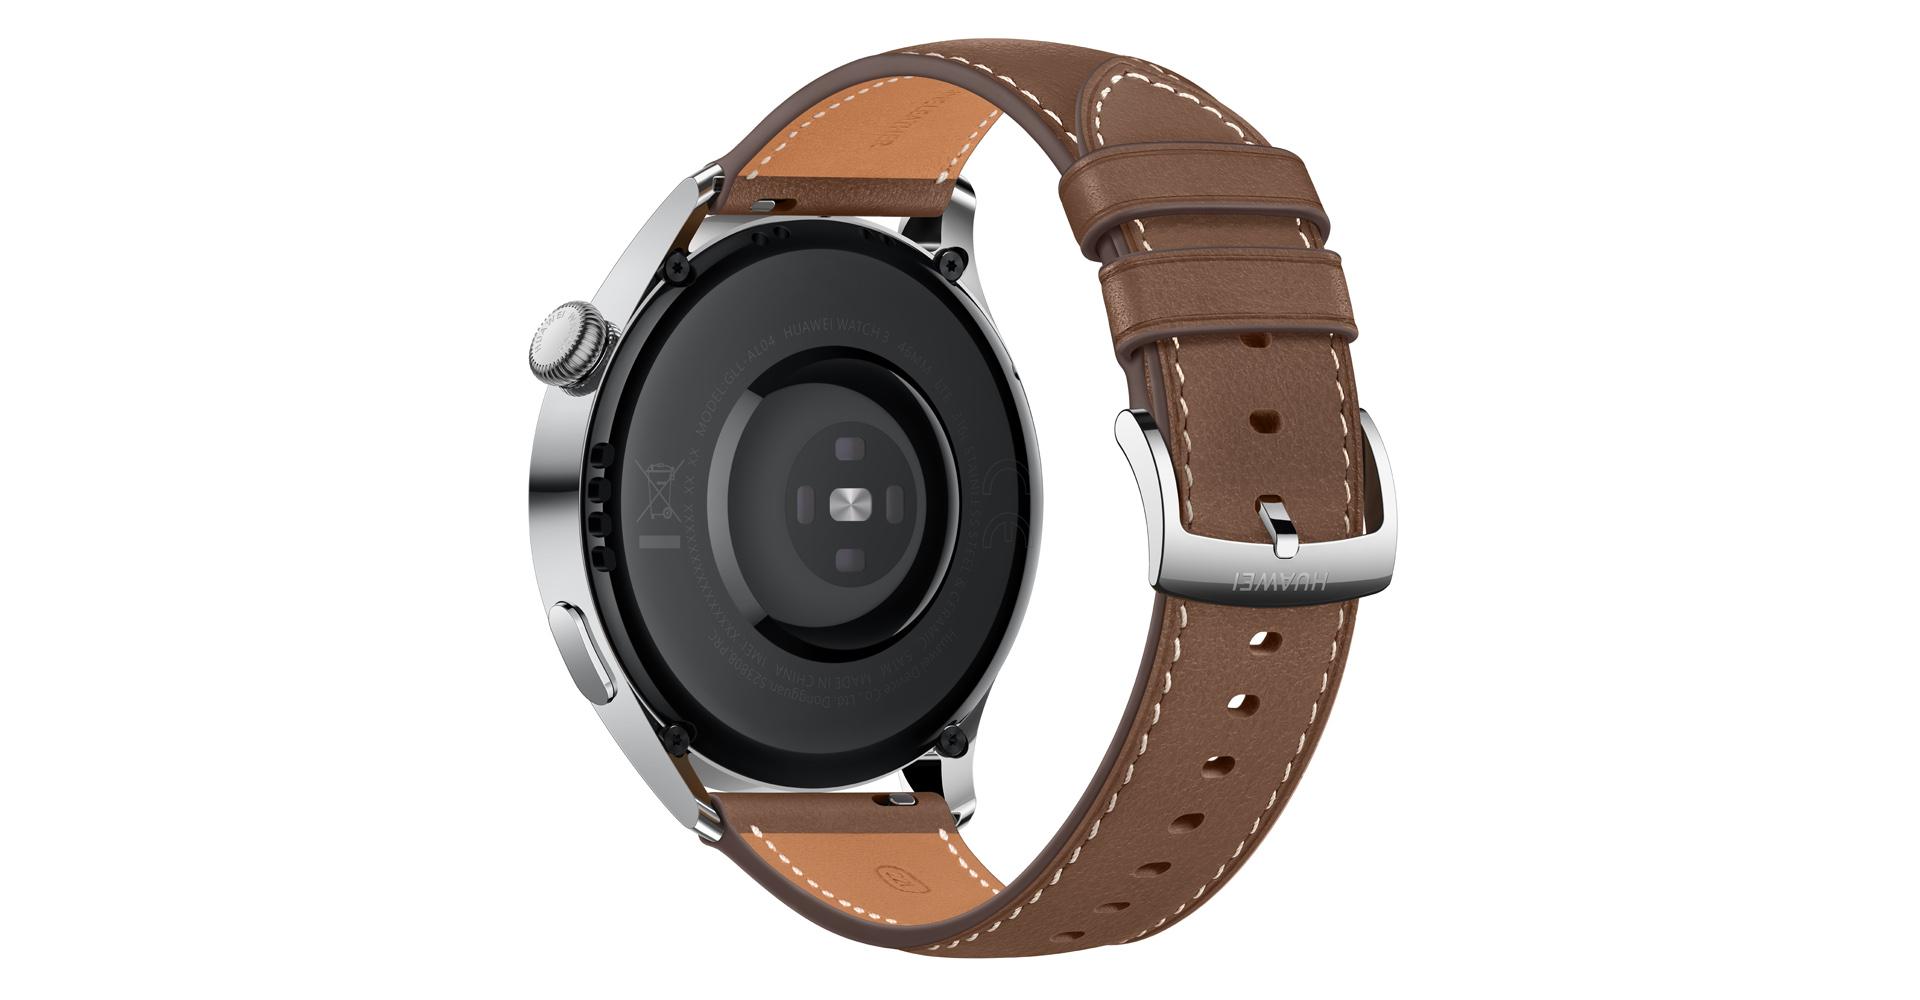 Die Huawei Watch 3 mit Lederarmband von hinten